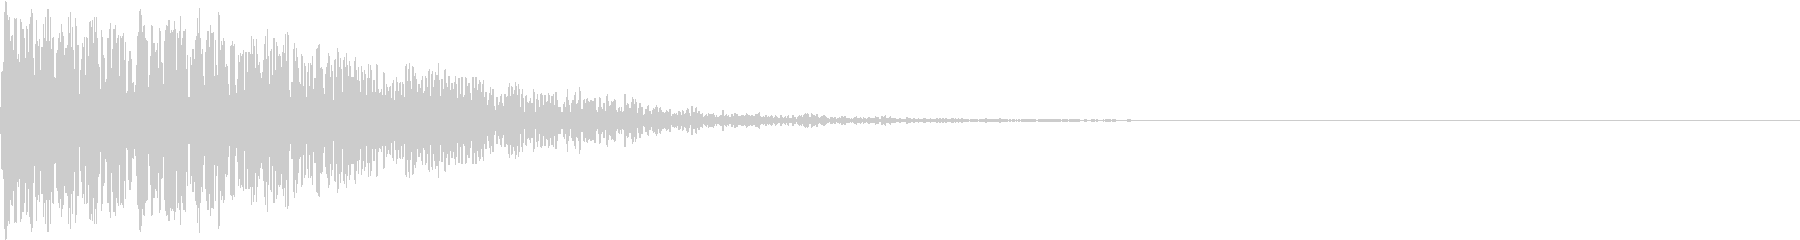 ホラー 衝撃 ドーン 驚き びっくり 4の未再生の波形